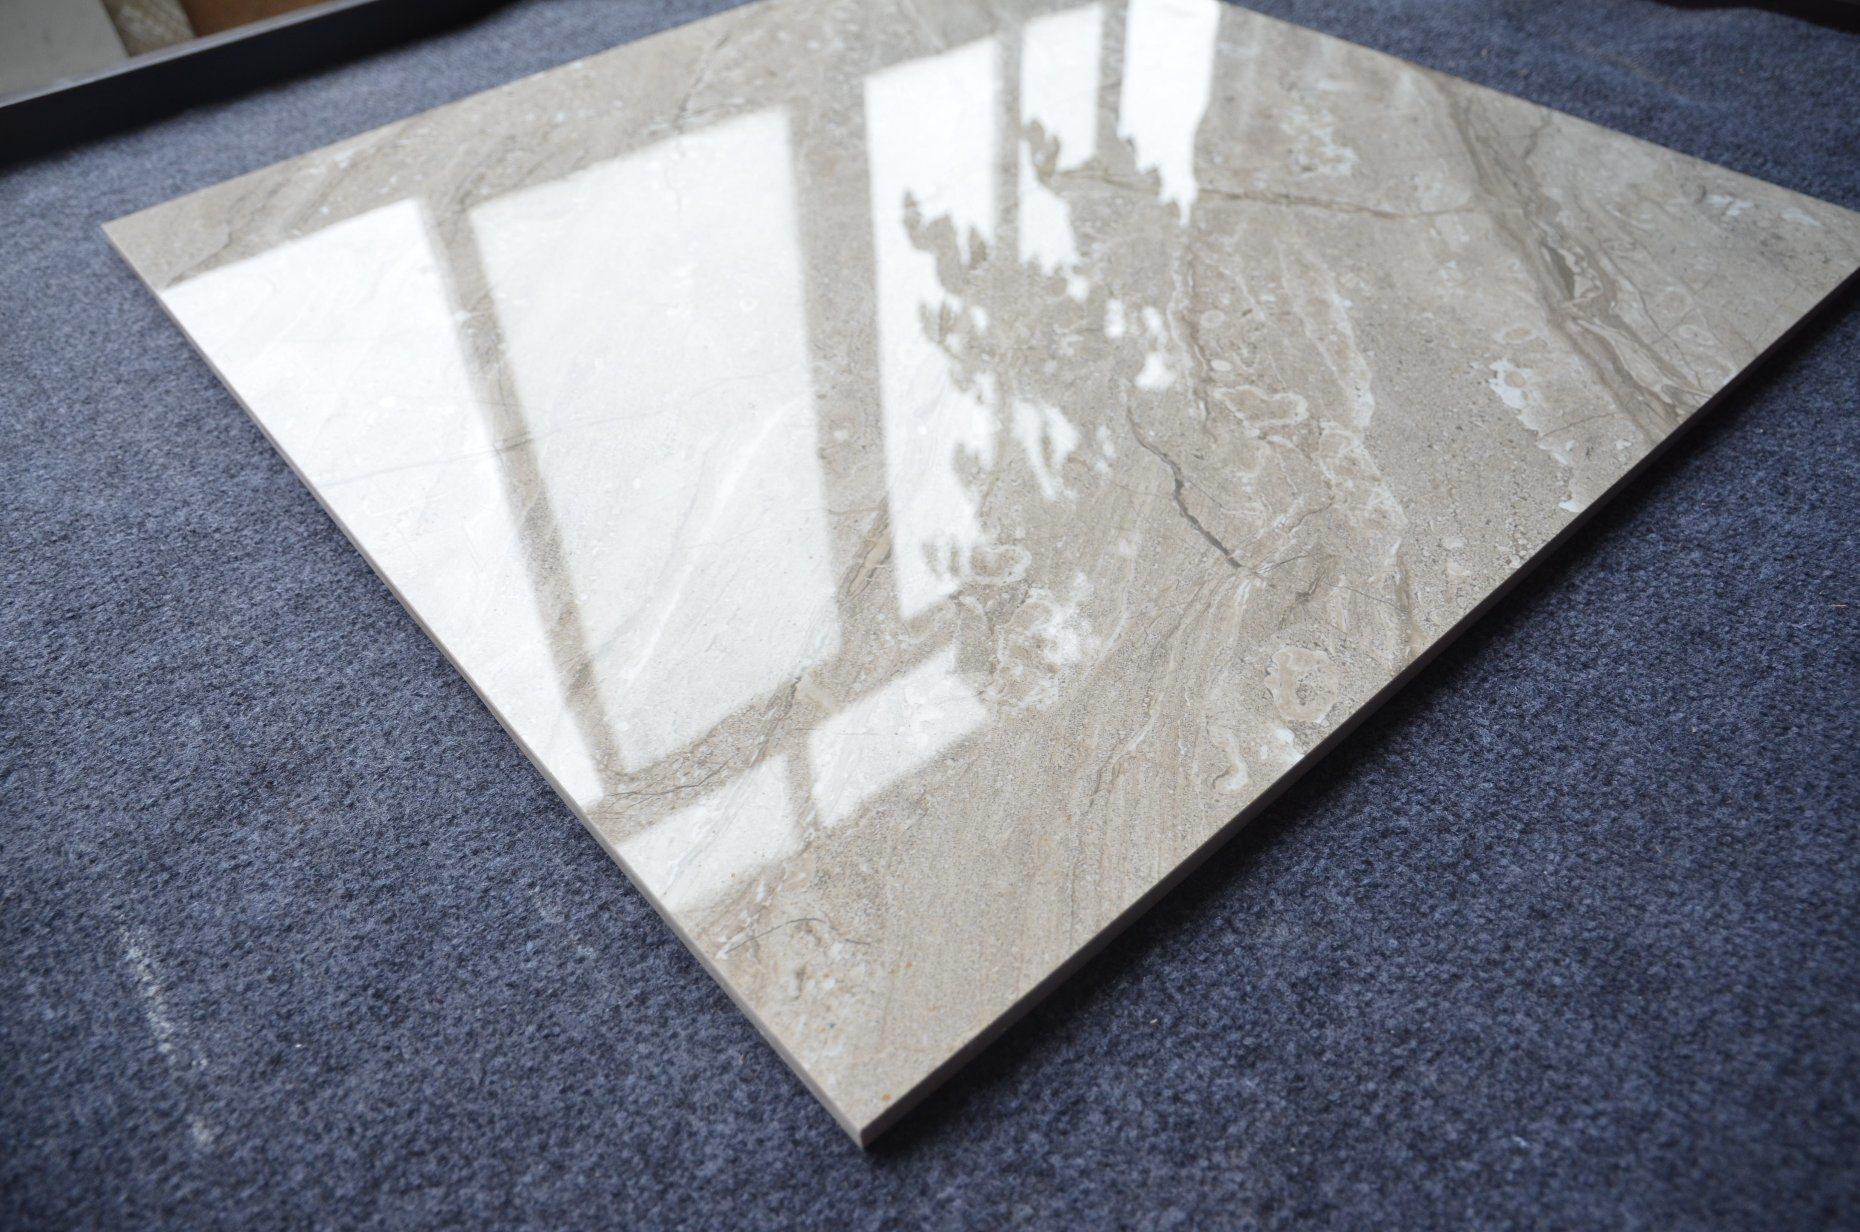 Đối với gạch men là gạch thông dụng vừa có thể ốp vừa có thể lát sàn, do có độ thẩm mỹ tốt với nhiều màu sắc, hoa văn.